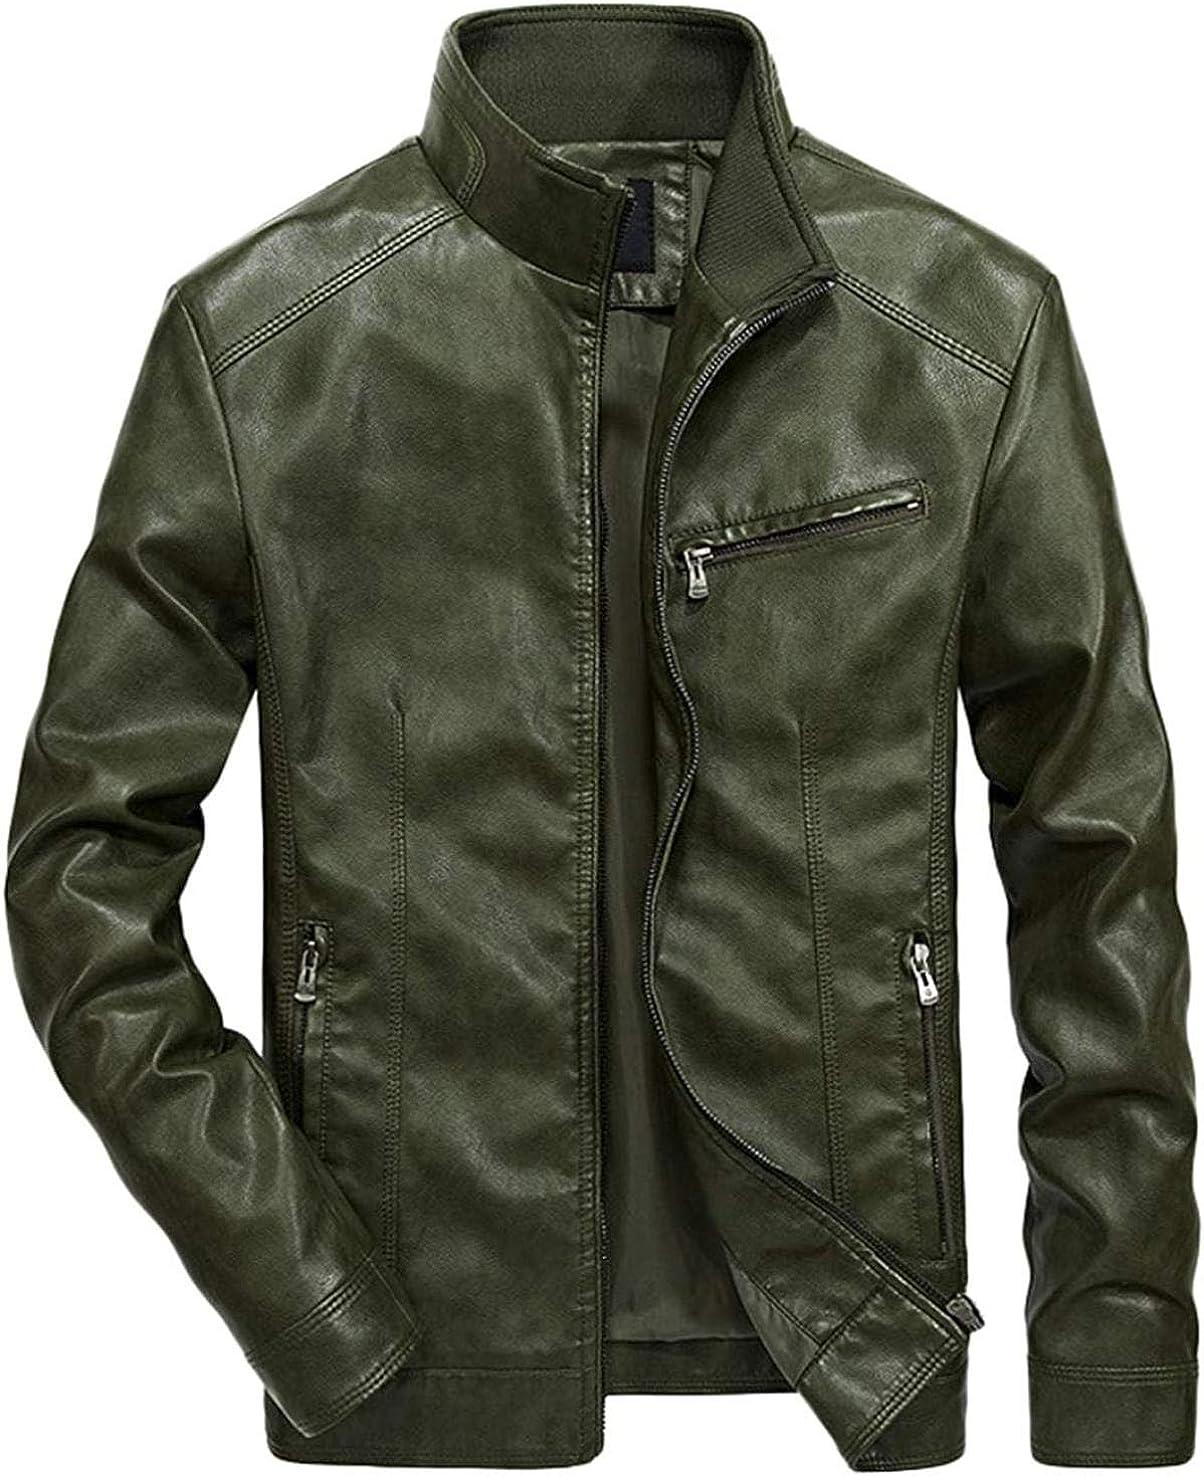 Men's Simple Stylish Full-Zip Work Wear Faux Leather Moto Jacket